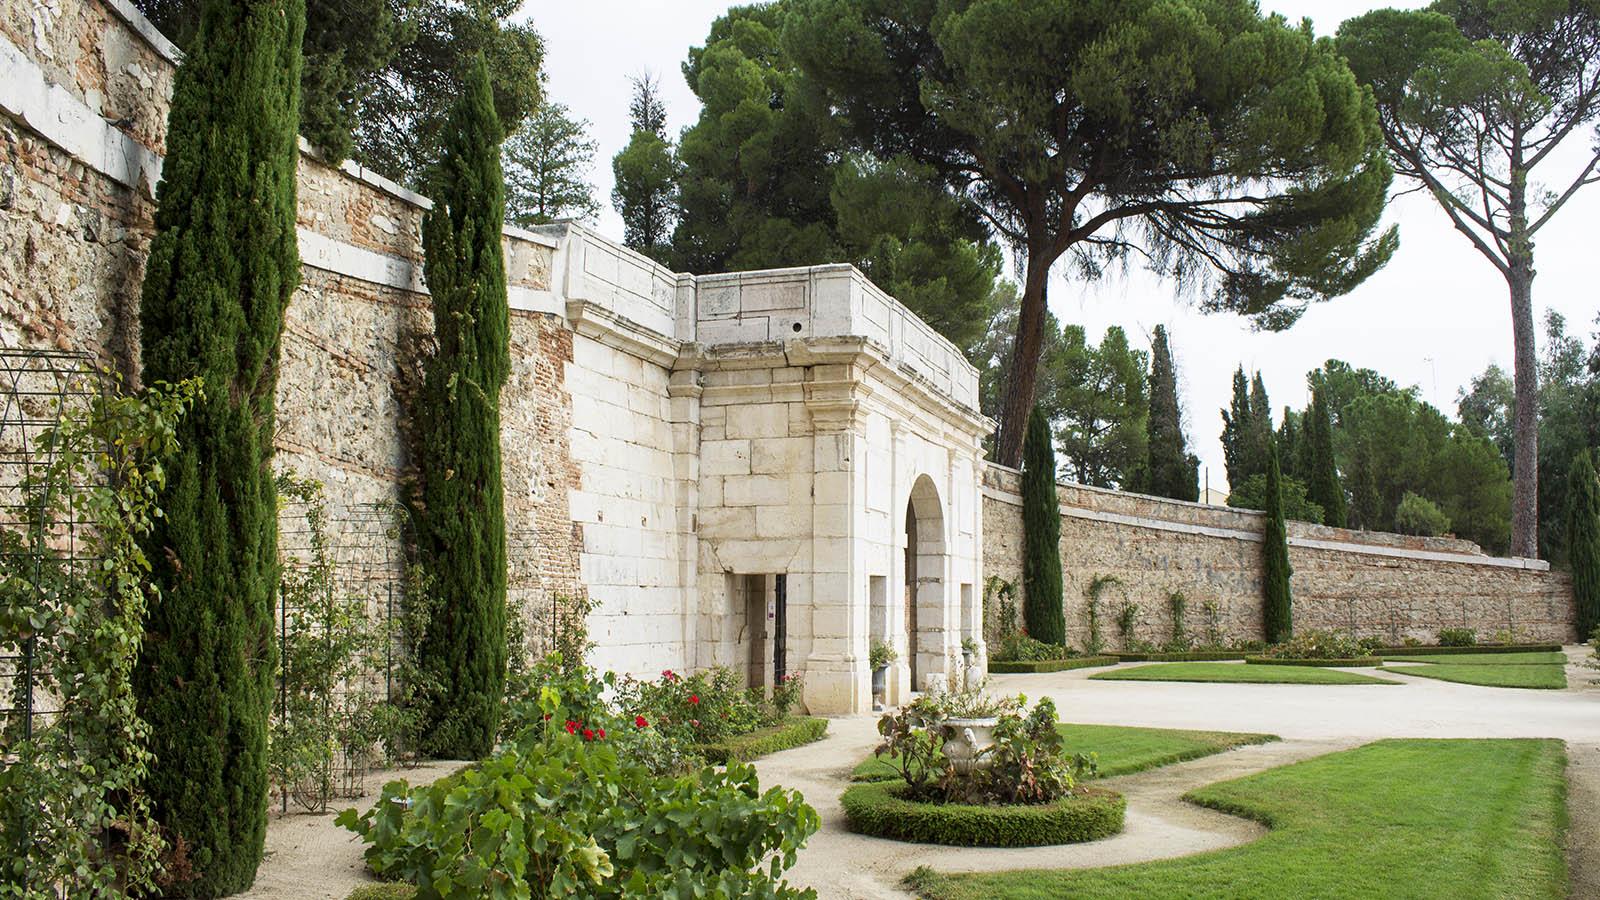 Bodega de Carlos III. Por esta entrada neoclásica se inician las visitas guiadas a la bodega. Da acceso a las galería subterránea.